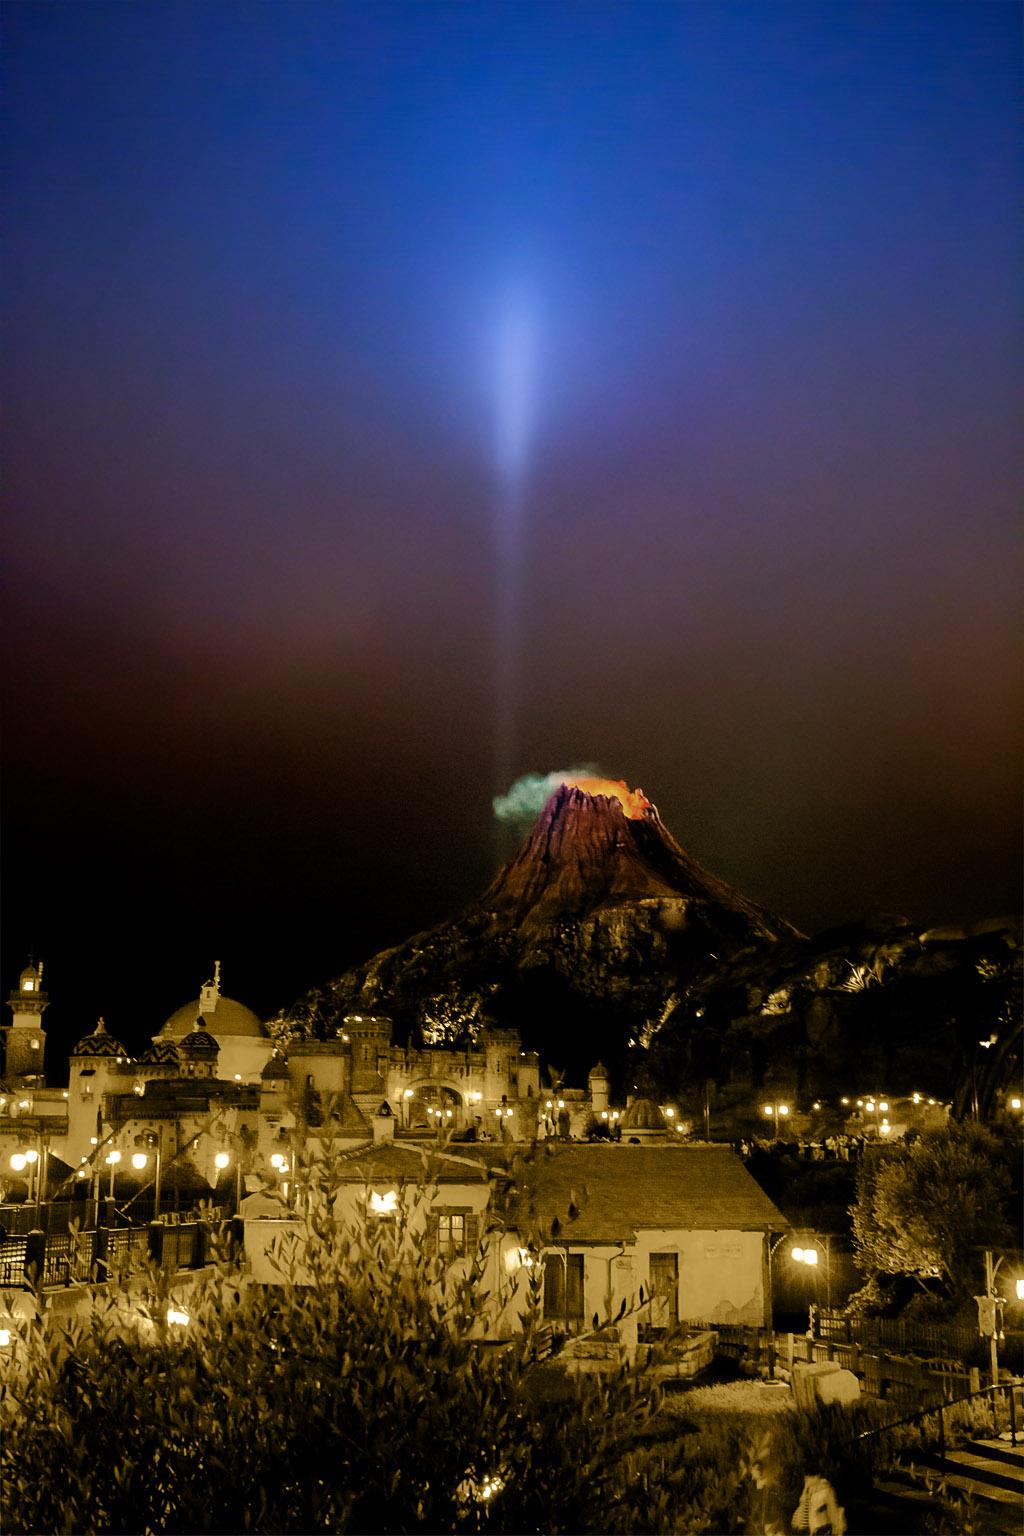 光輝を放つ(プロメテウス火山)